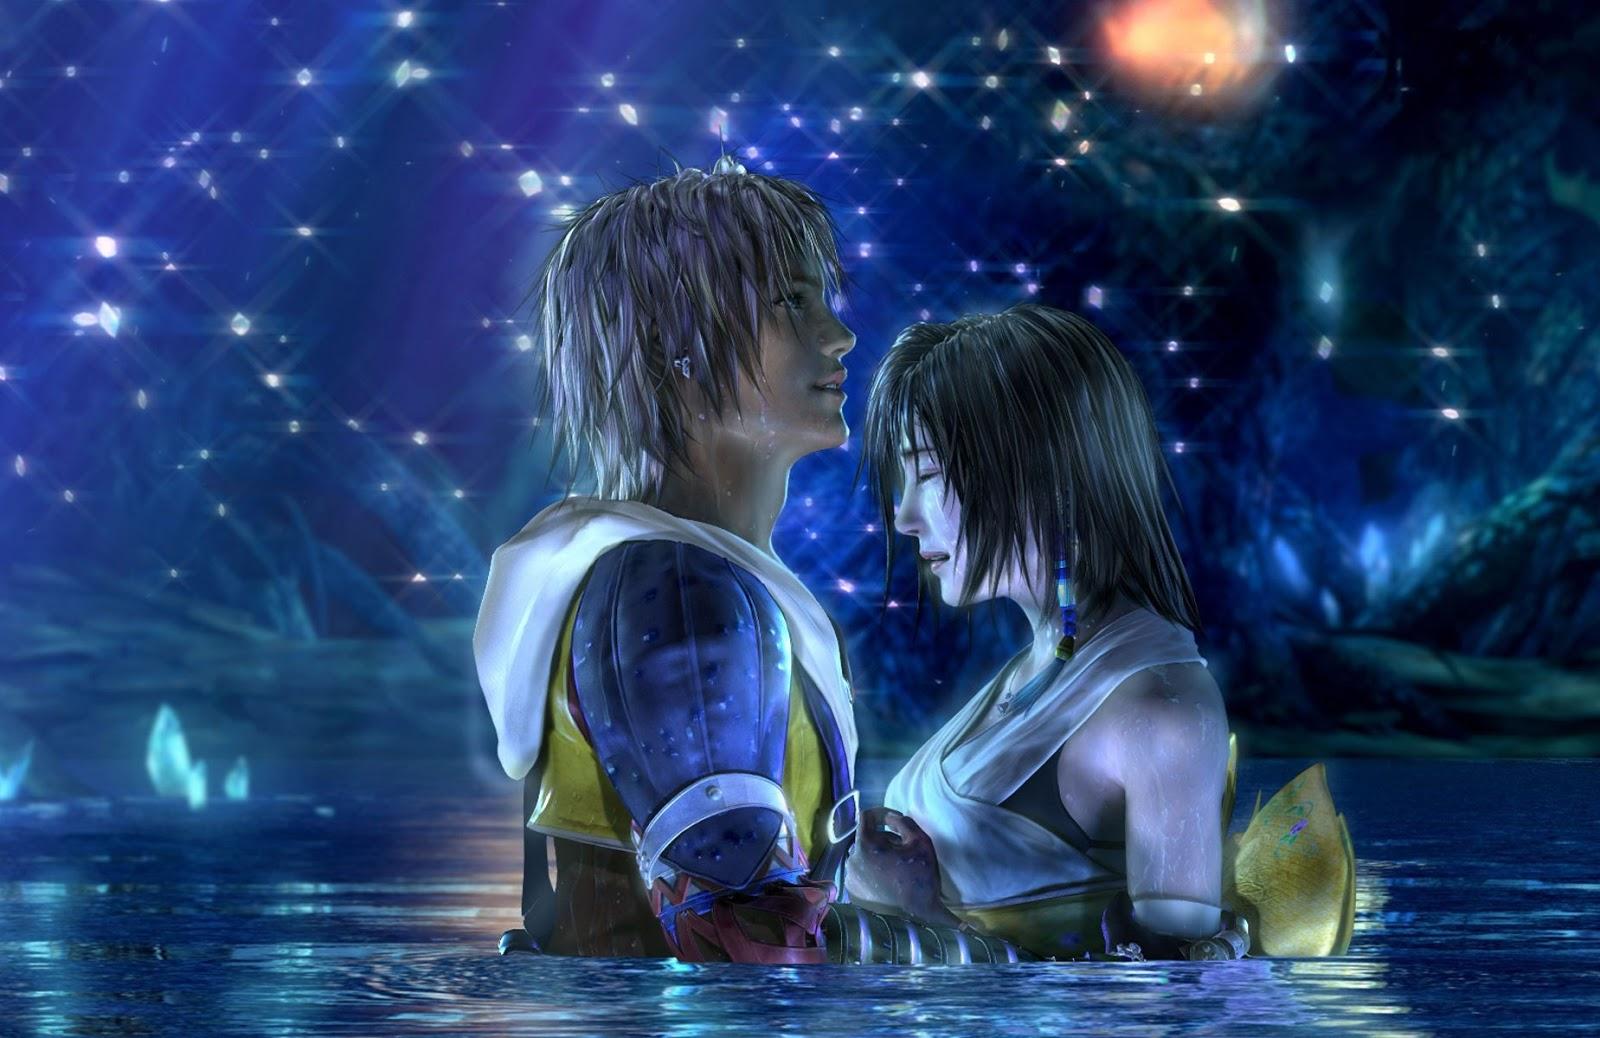 Die berühmte Wasser-Szene in Final Fantasy X (Quelle: Square Enix)